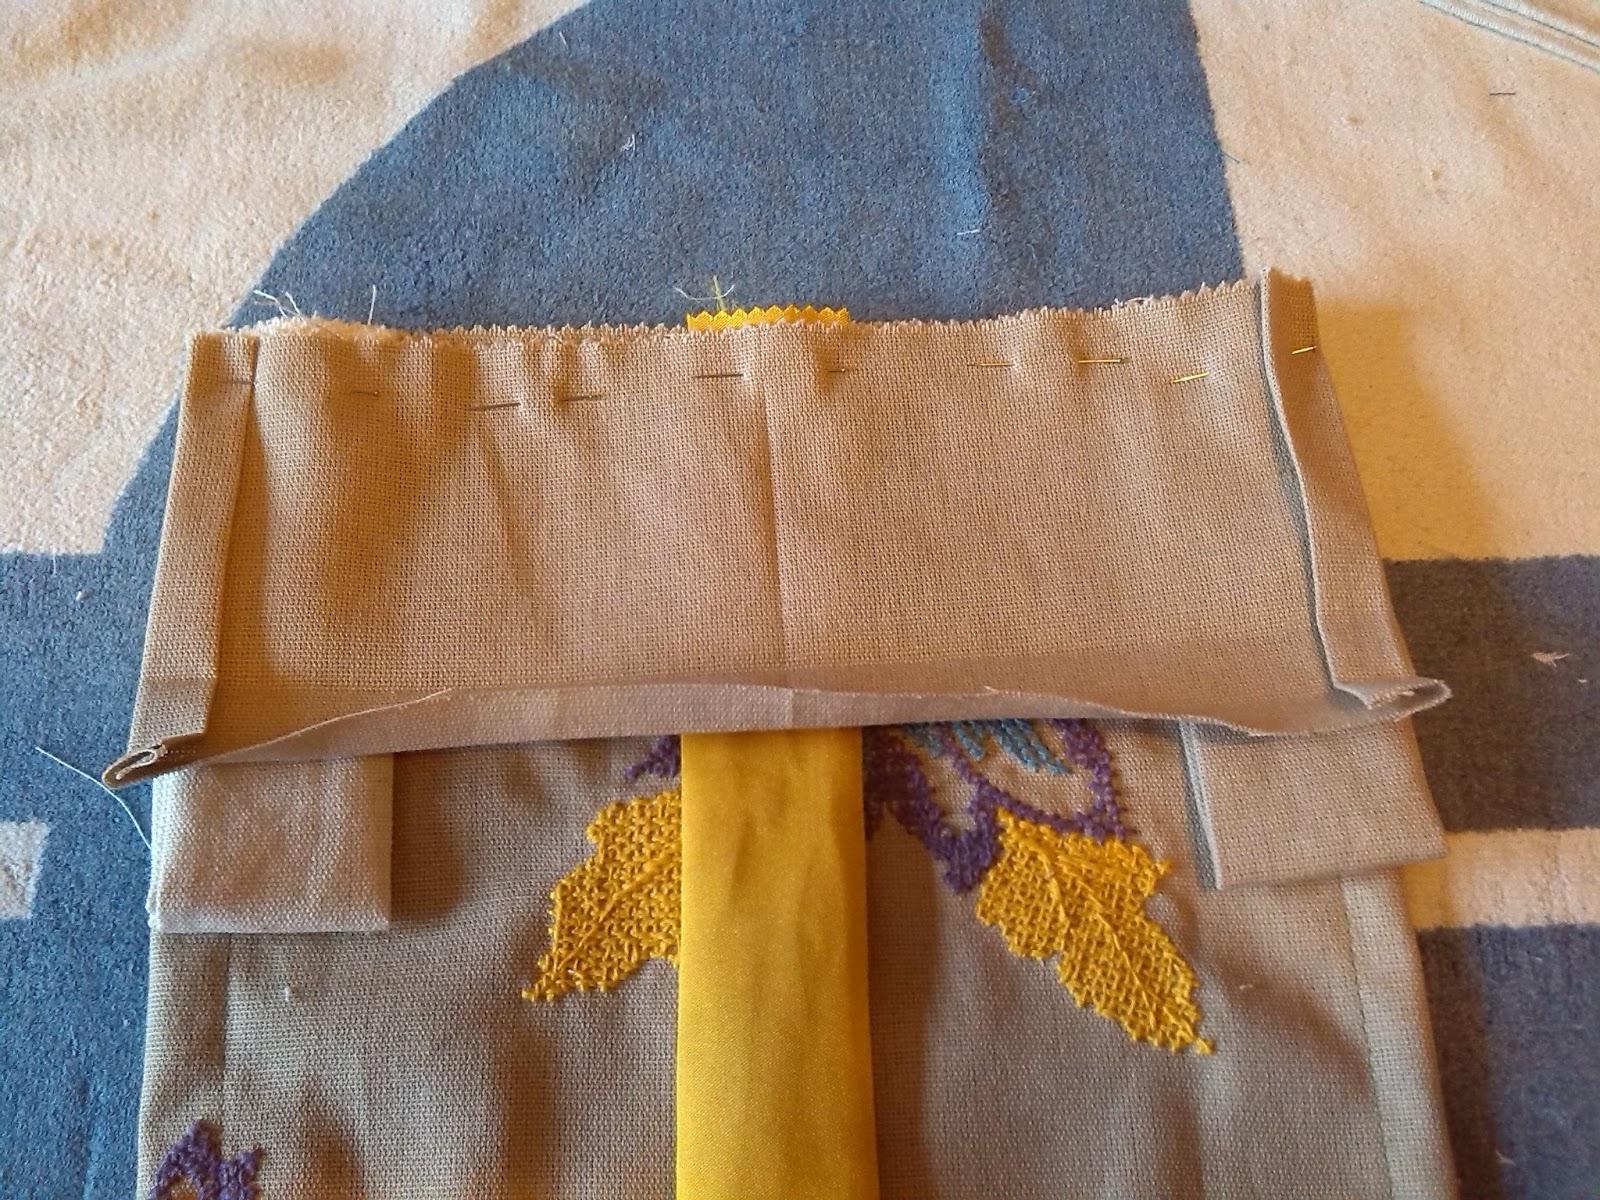 La krafter a de coraz n crea conmigo iii tutorial de - Formas de cortinas ...